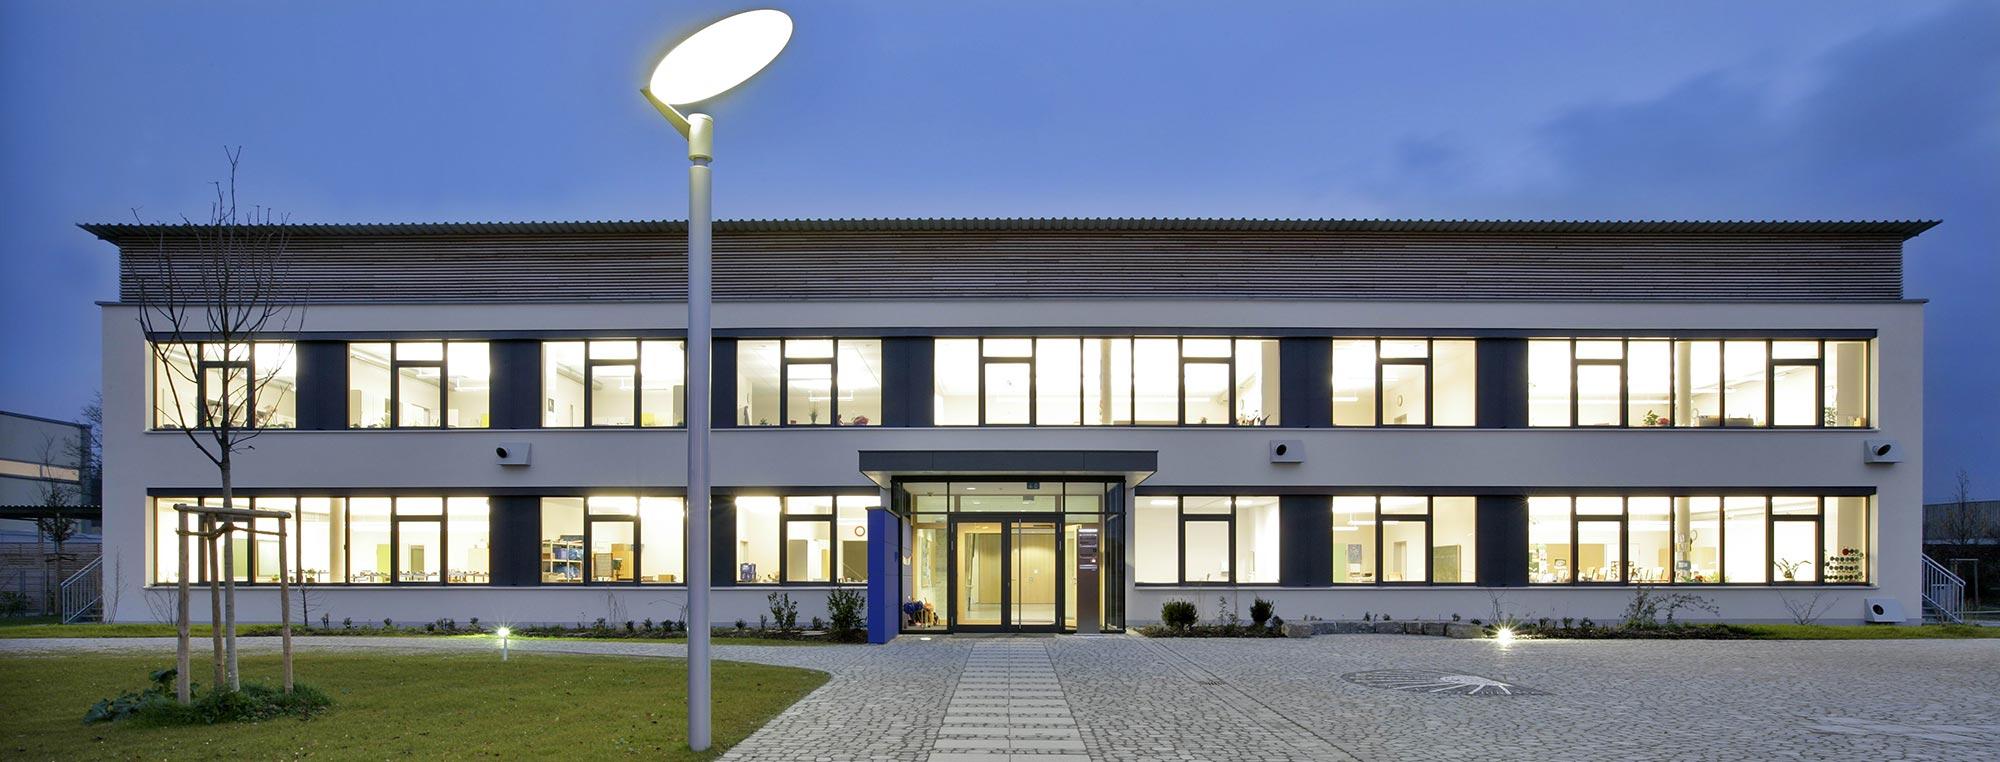 von der KUMAS ausgezeichnete Leitprojekt 2007, die Grundschule Süd-Ost in Günzburg in Passivbauweise